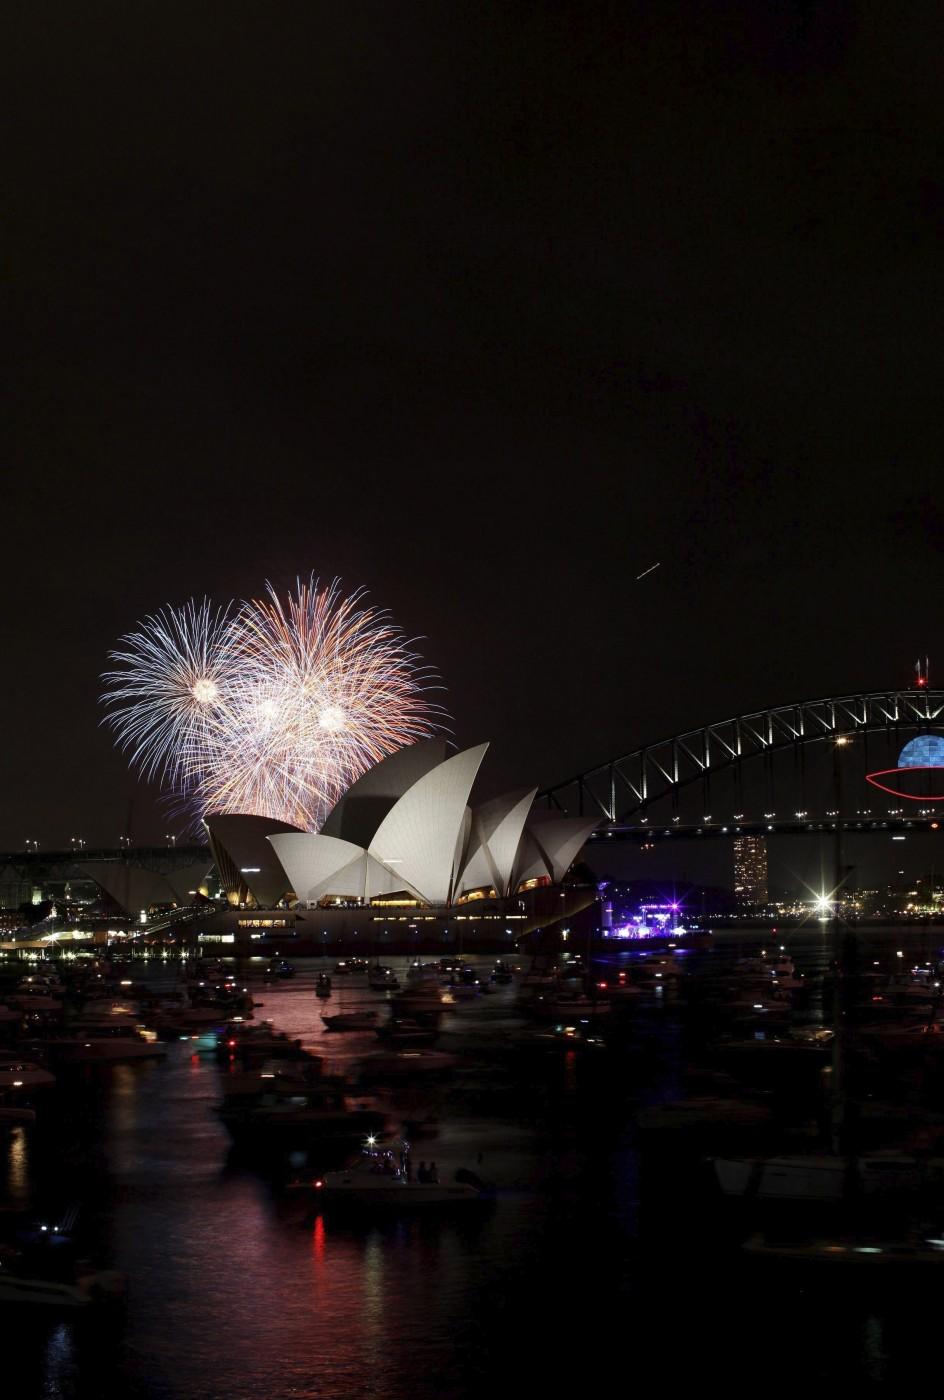 %name صور احتفالات مدن العالم بالعام الميلادي الجديد 2014 صور العاب نارية من حول العالم